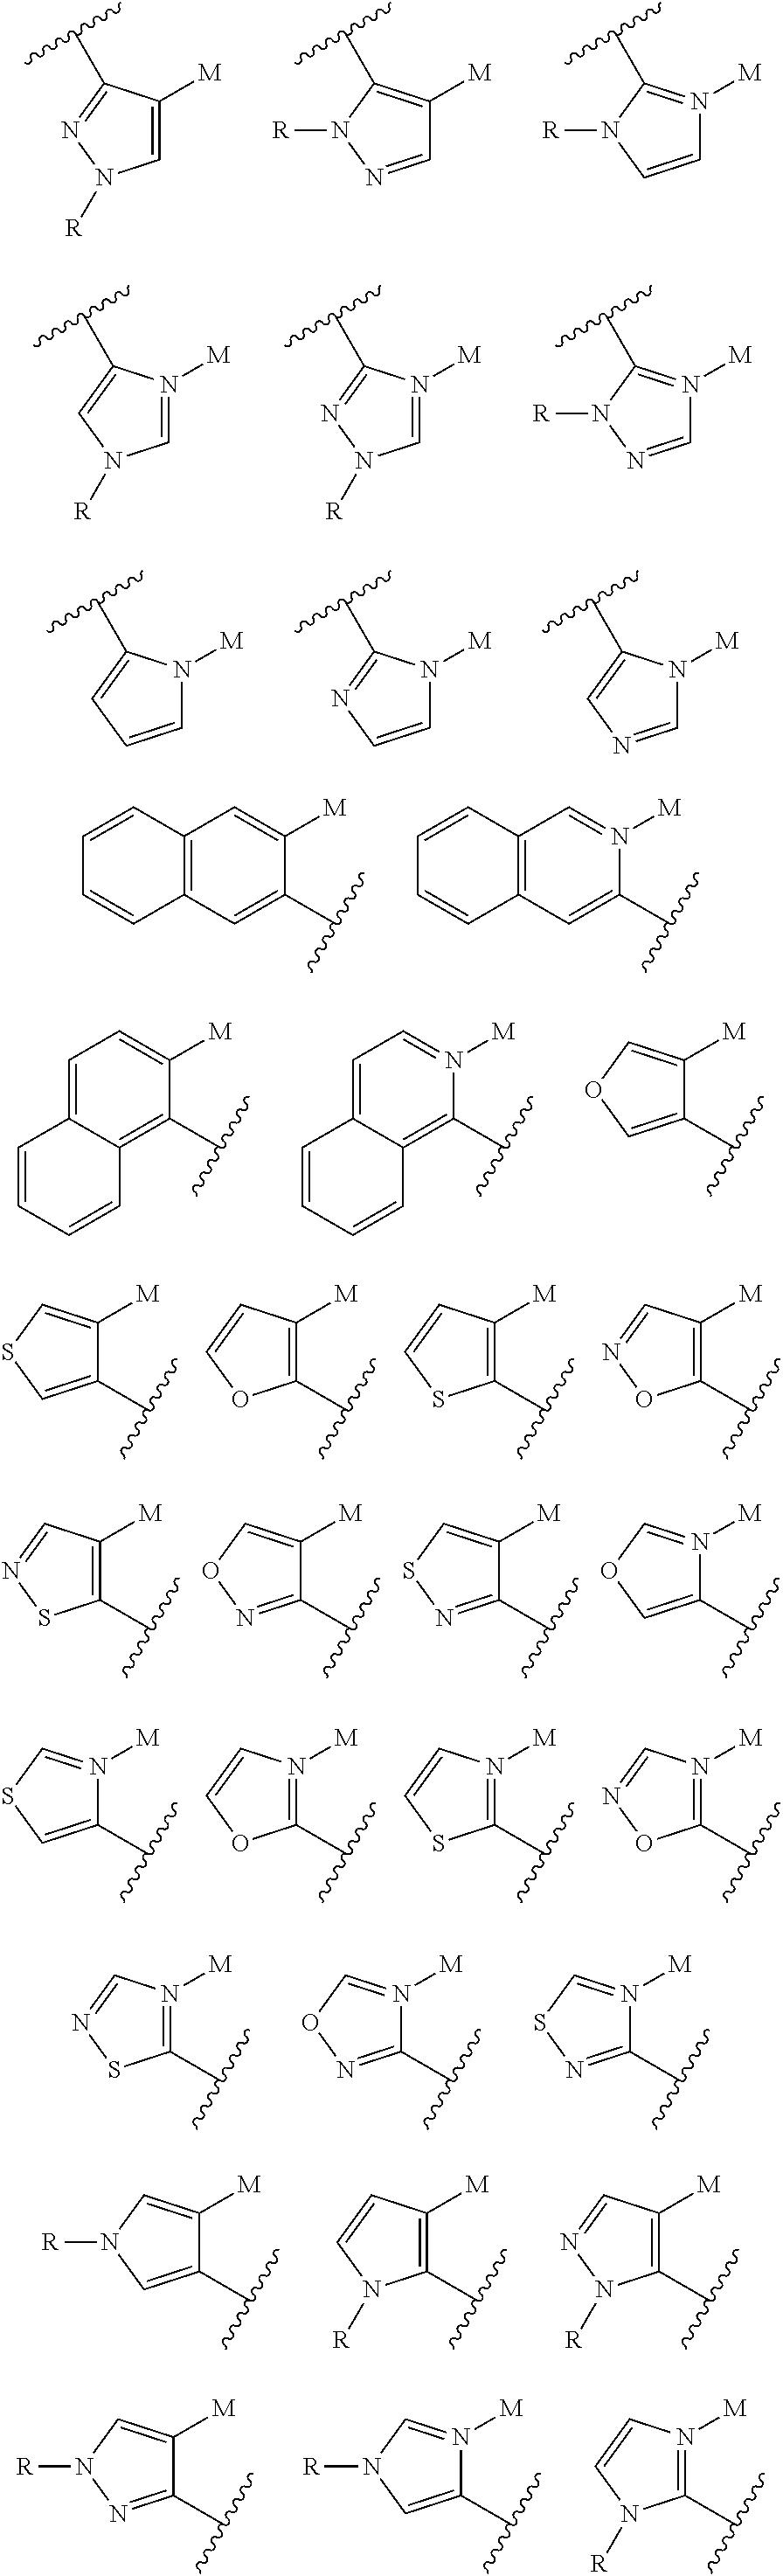 Figure US09818959-20171114-C00054